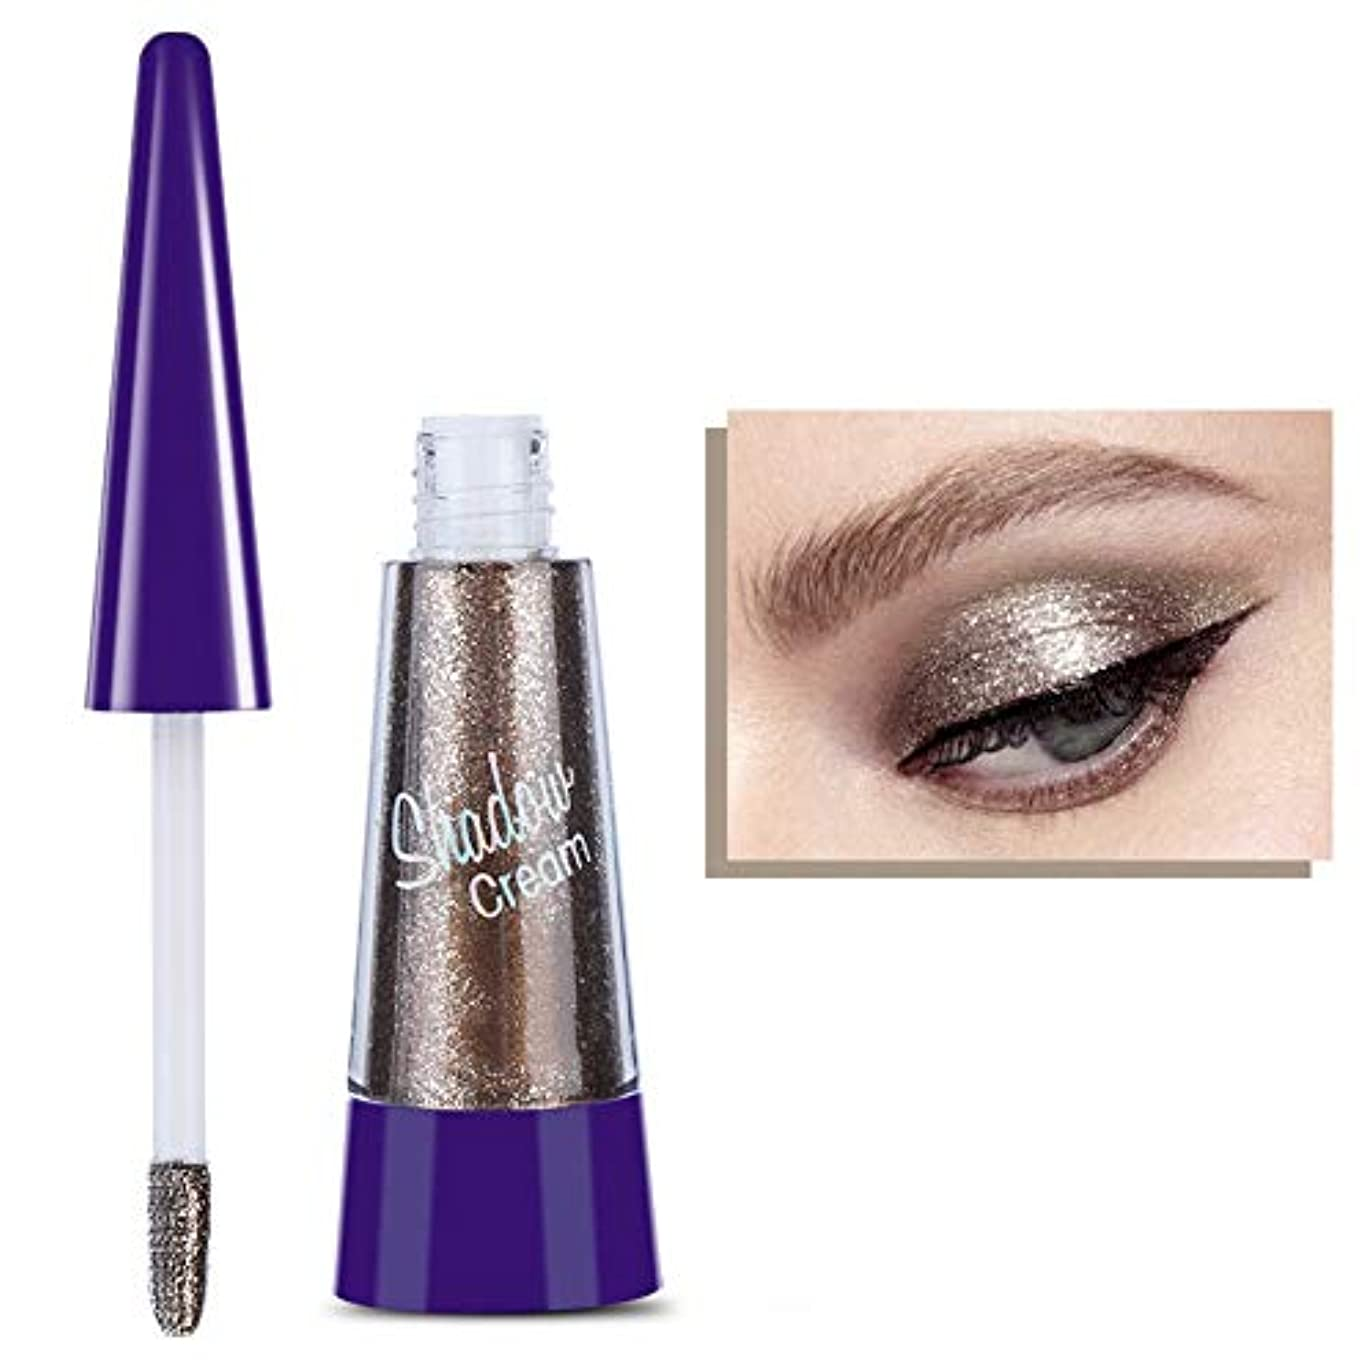 液体光沢アイシャドウ、目のための耐久性のある防水化粧品、華やかなアイメイクを作成する、ショッピングや会議やパーティーに適している(02)